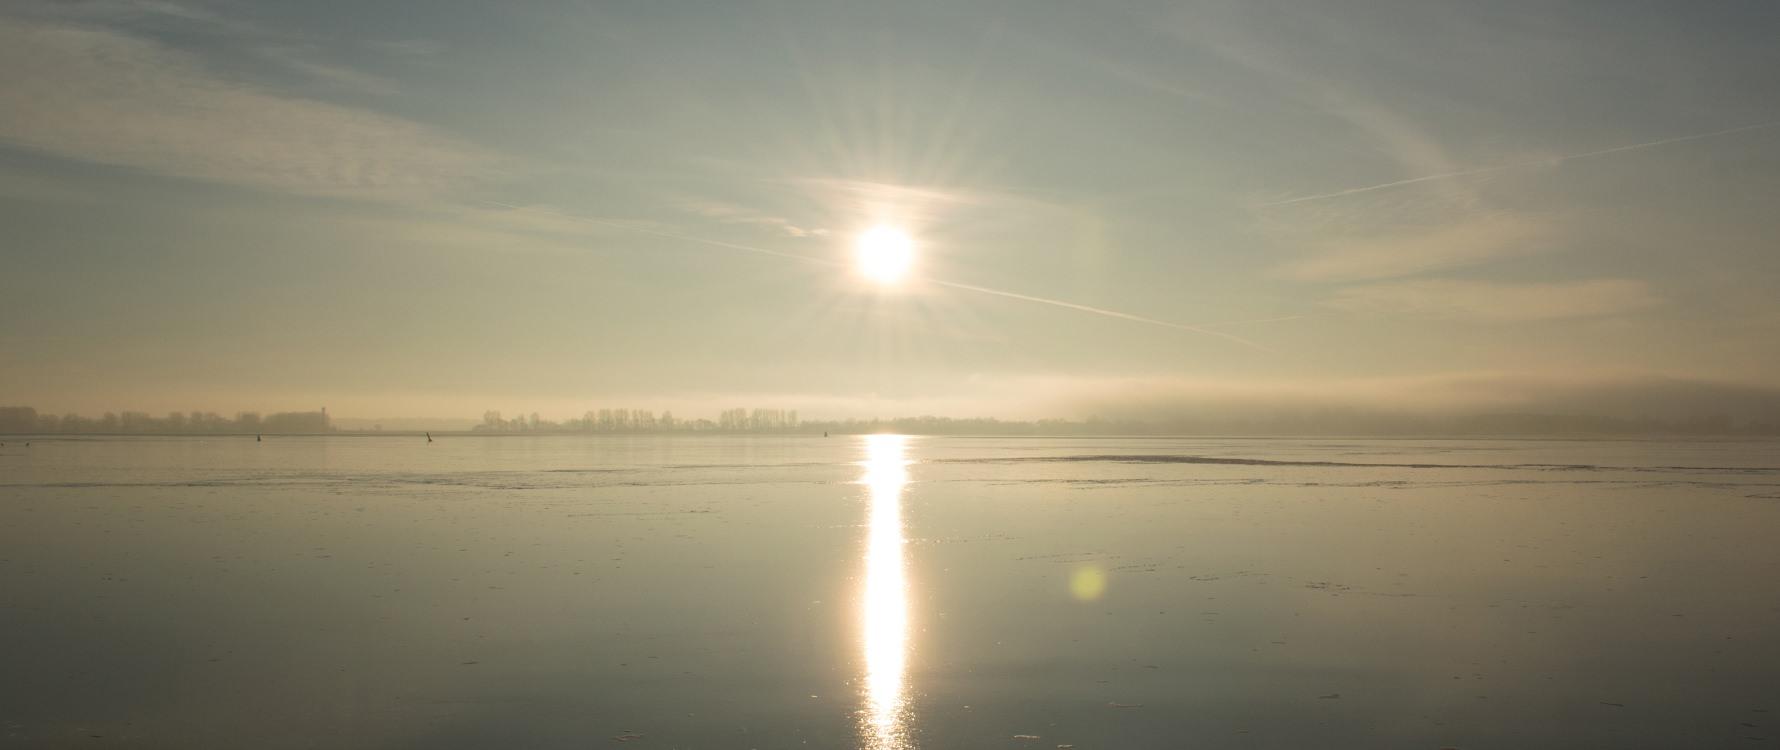 Sonne im Winter an der Ostseeküste auf der Insel Rügen